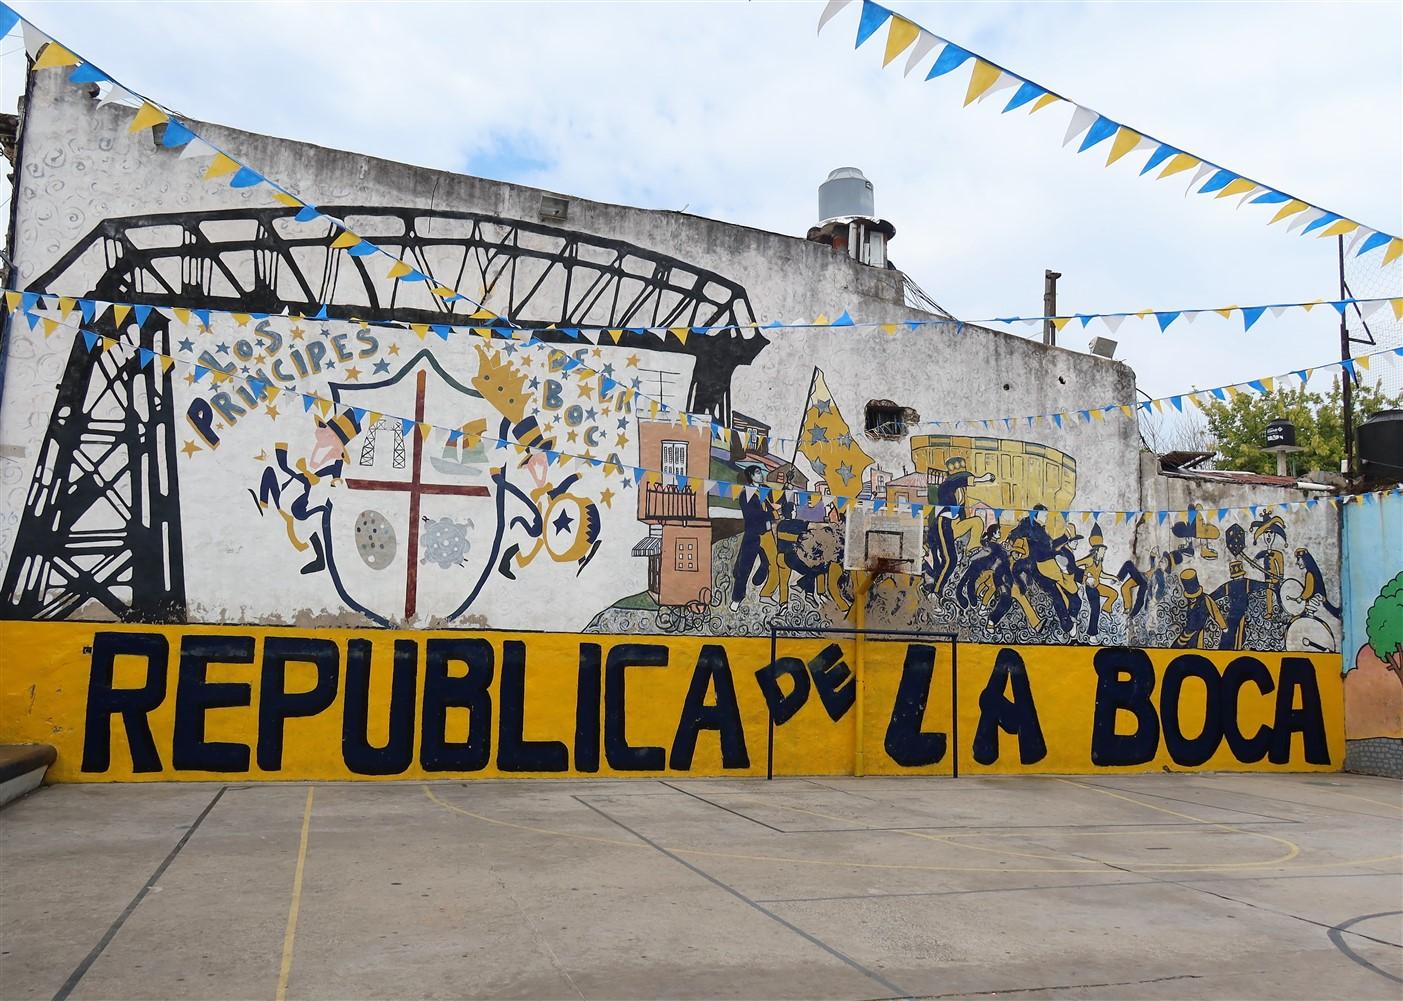 2020 03 08 124 Buenos Aires  La Boca.jpg